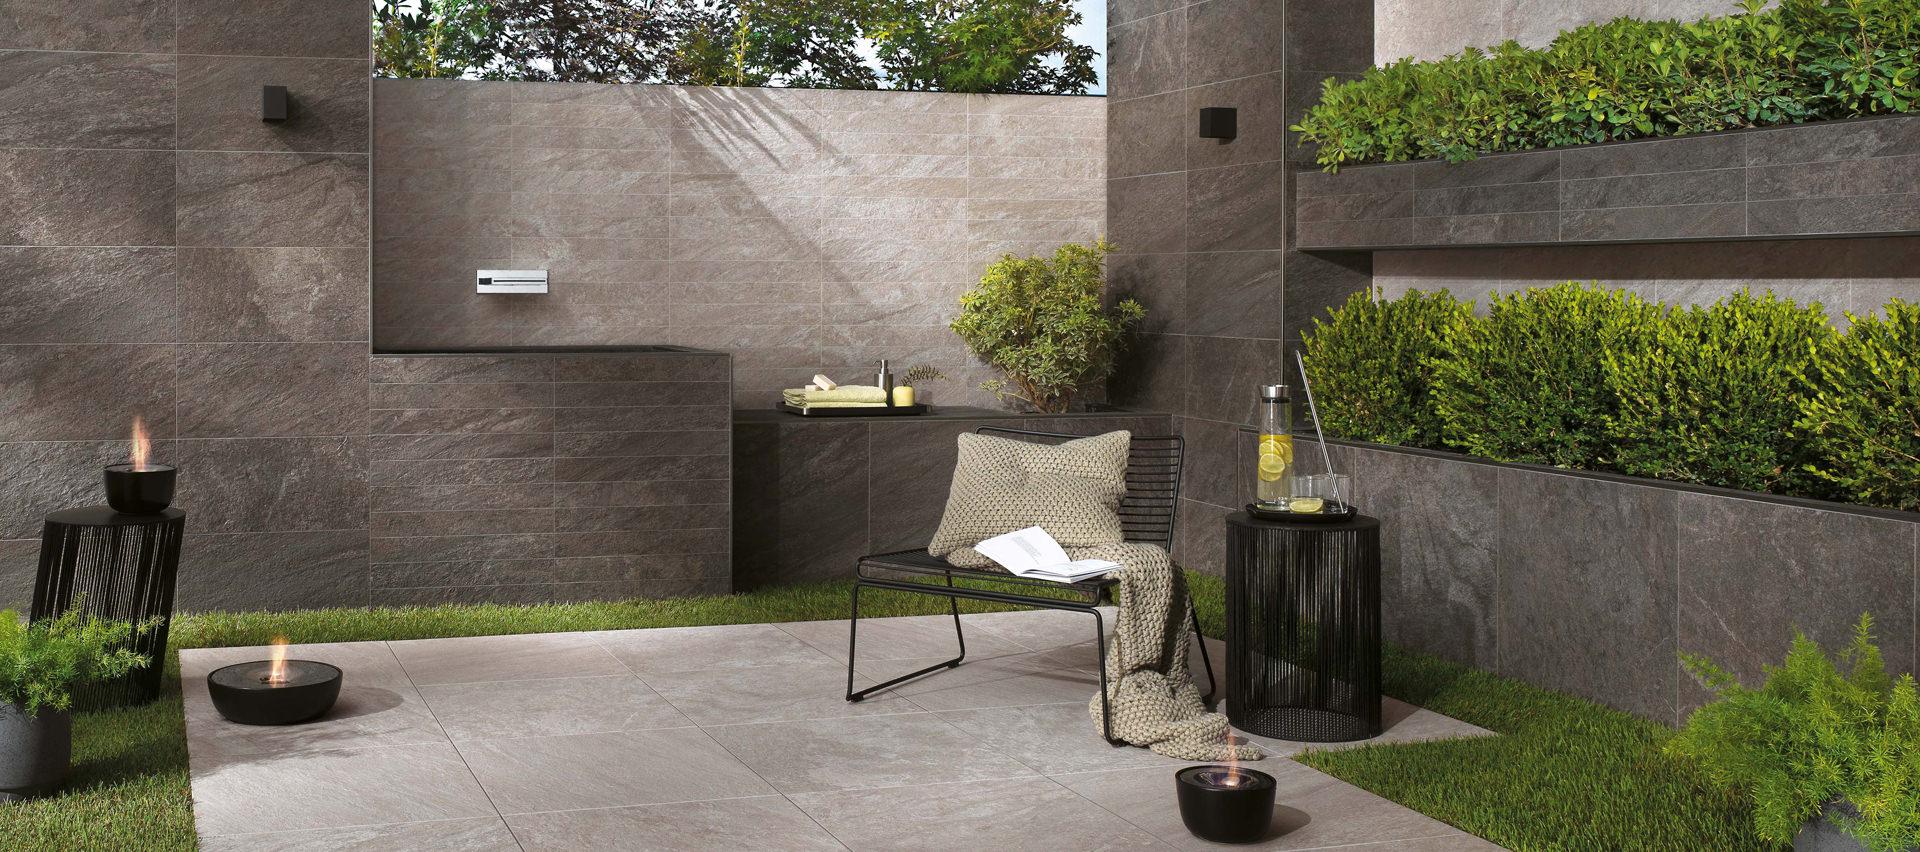 atlas concorde fliesen keramik und feinsteinzeug pulheim bei k ln. Black Bedroom Furniture Sets. Home Design Ideas